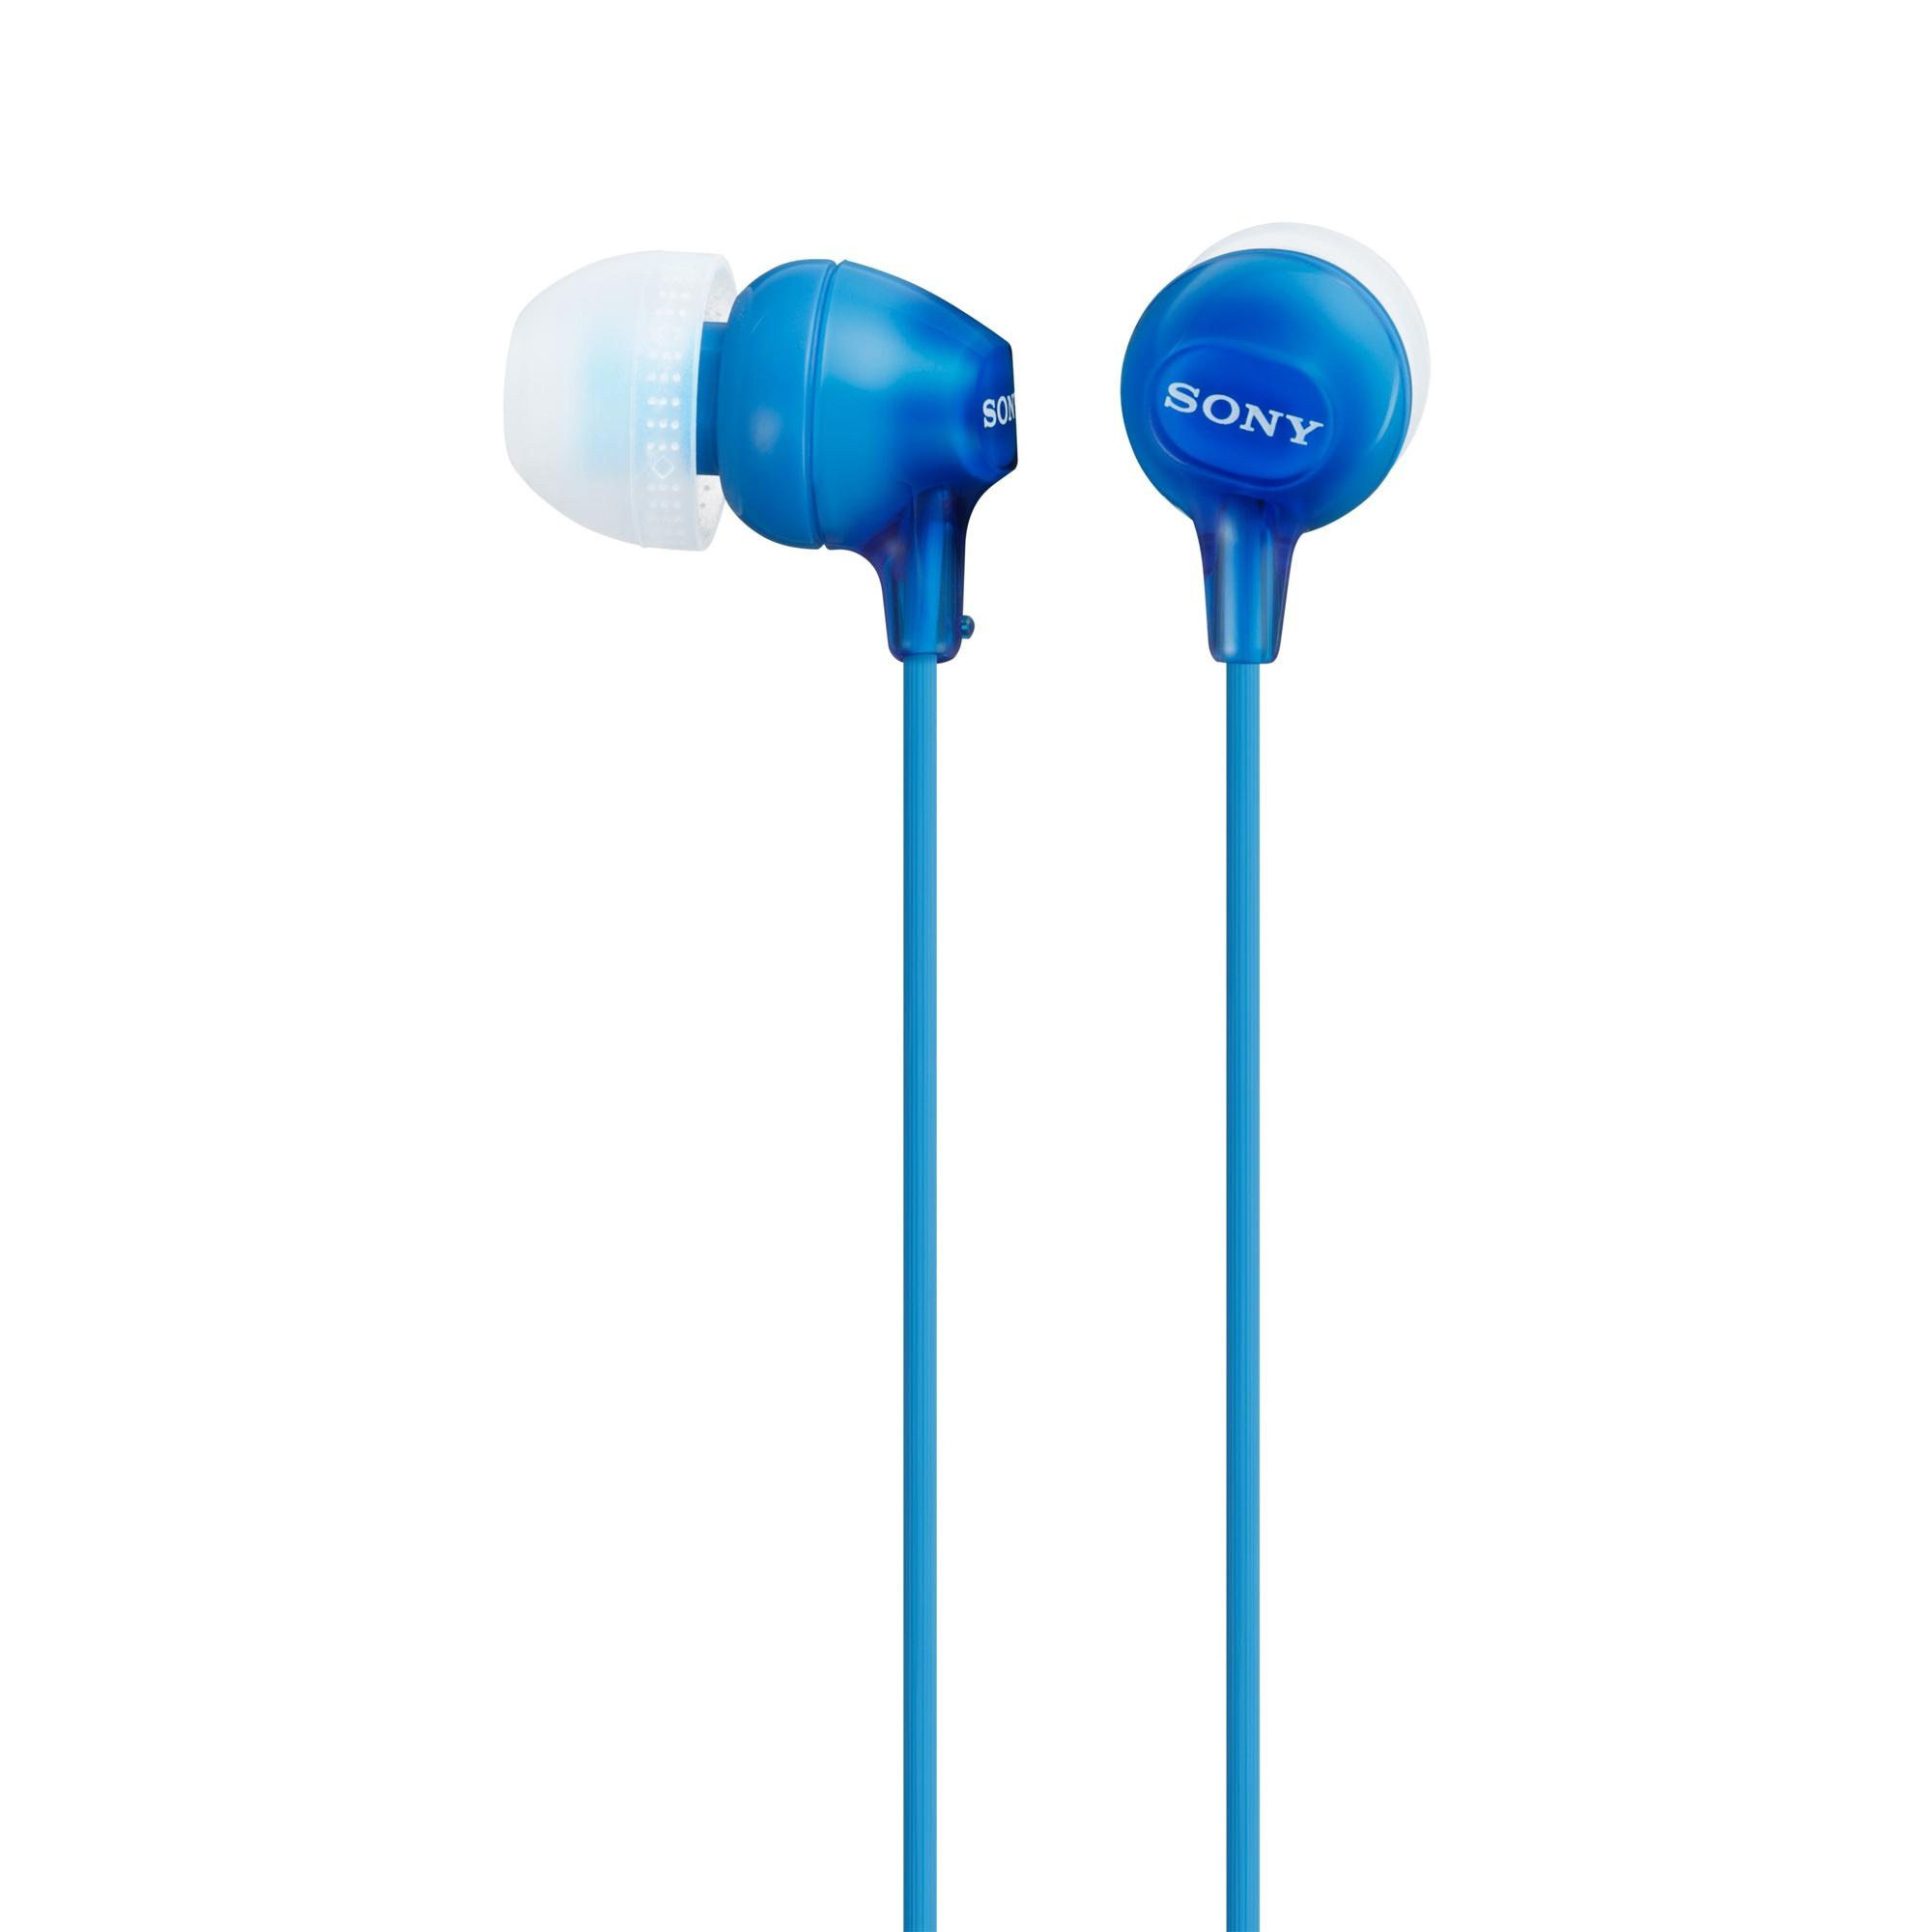 SONY IN-EAR EARBUDS, BLUE